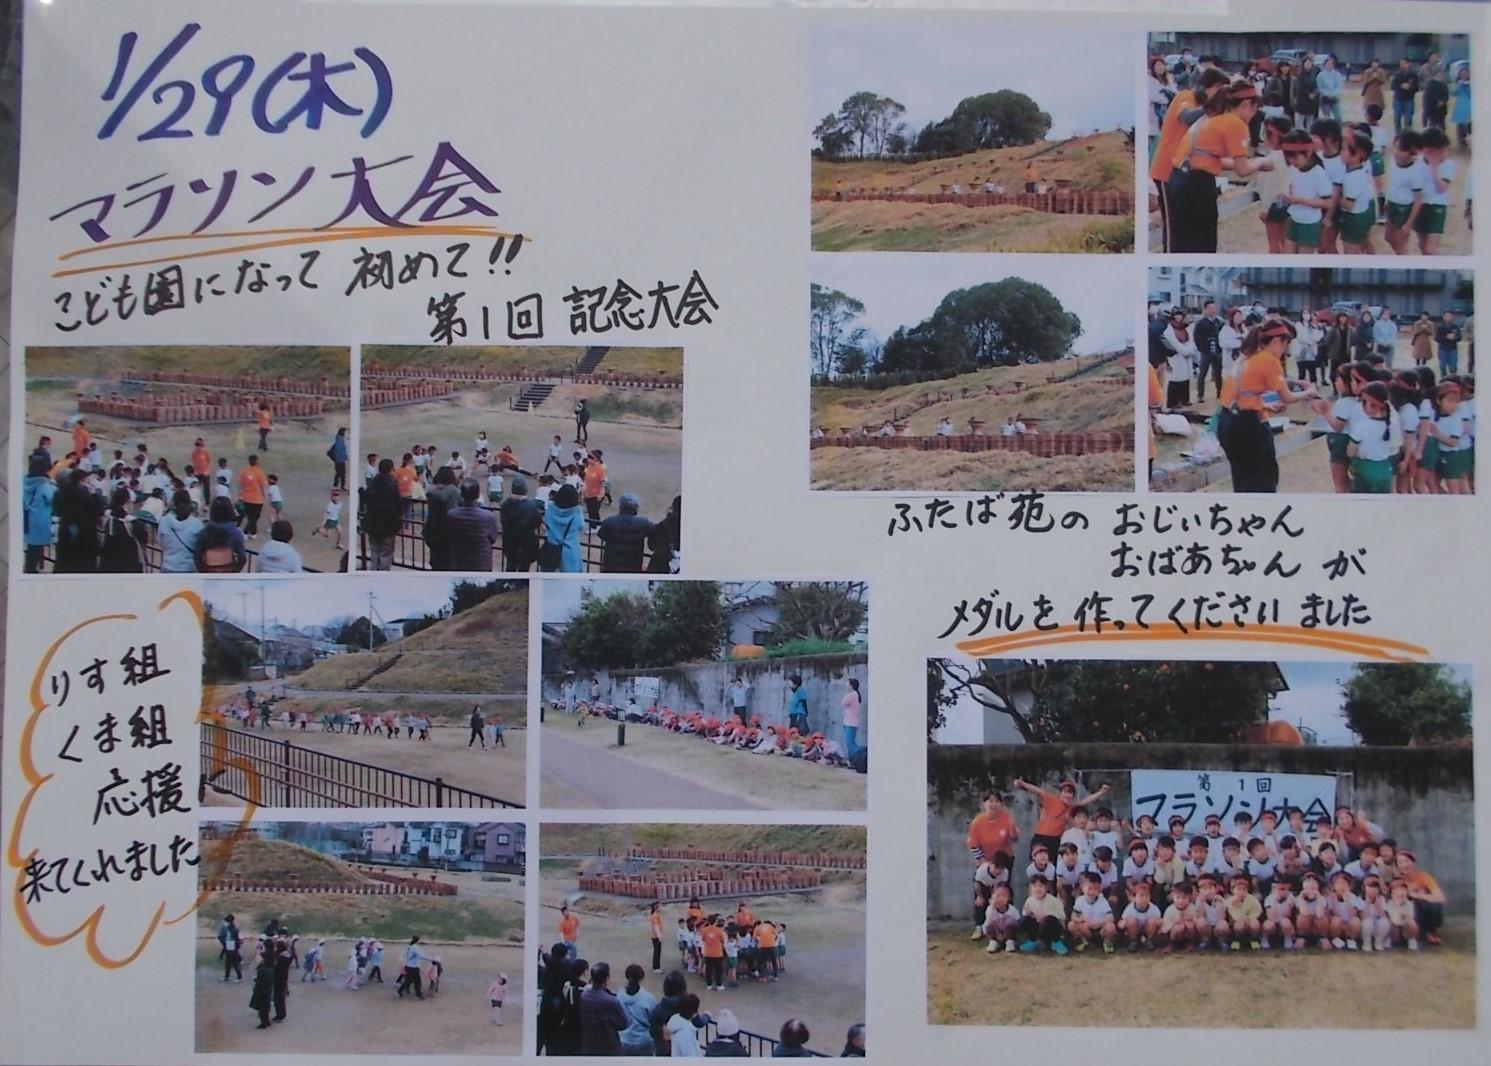 0129マラソン大会